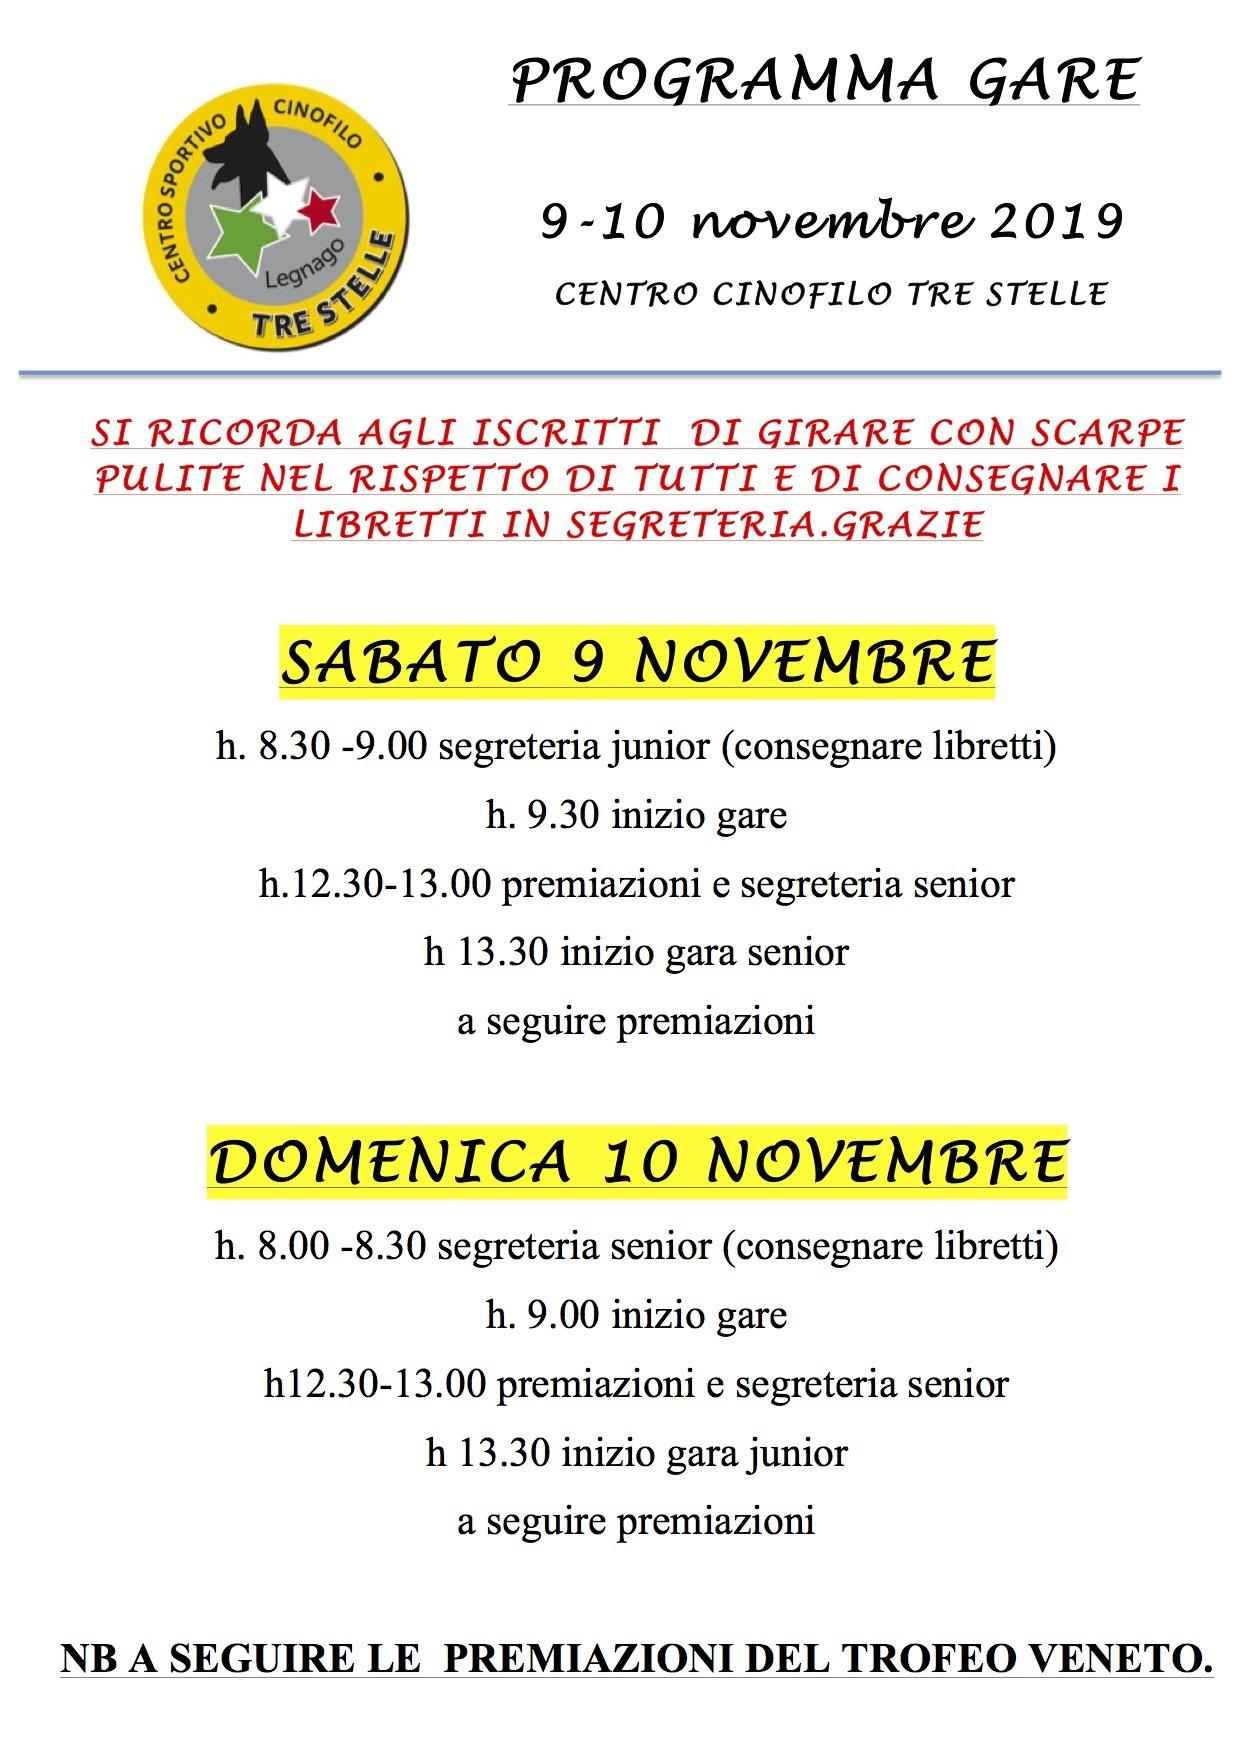 CCTS Legnago, 9 novembre 2019